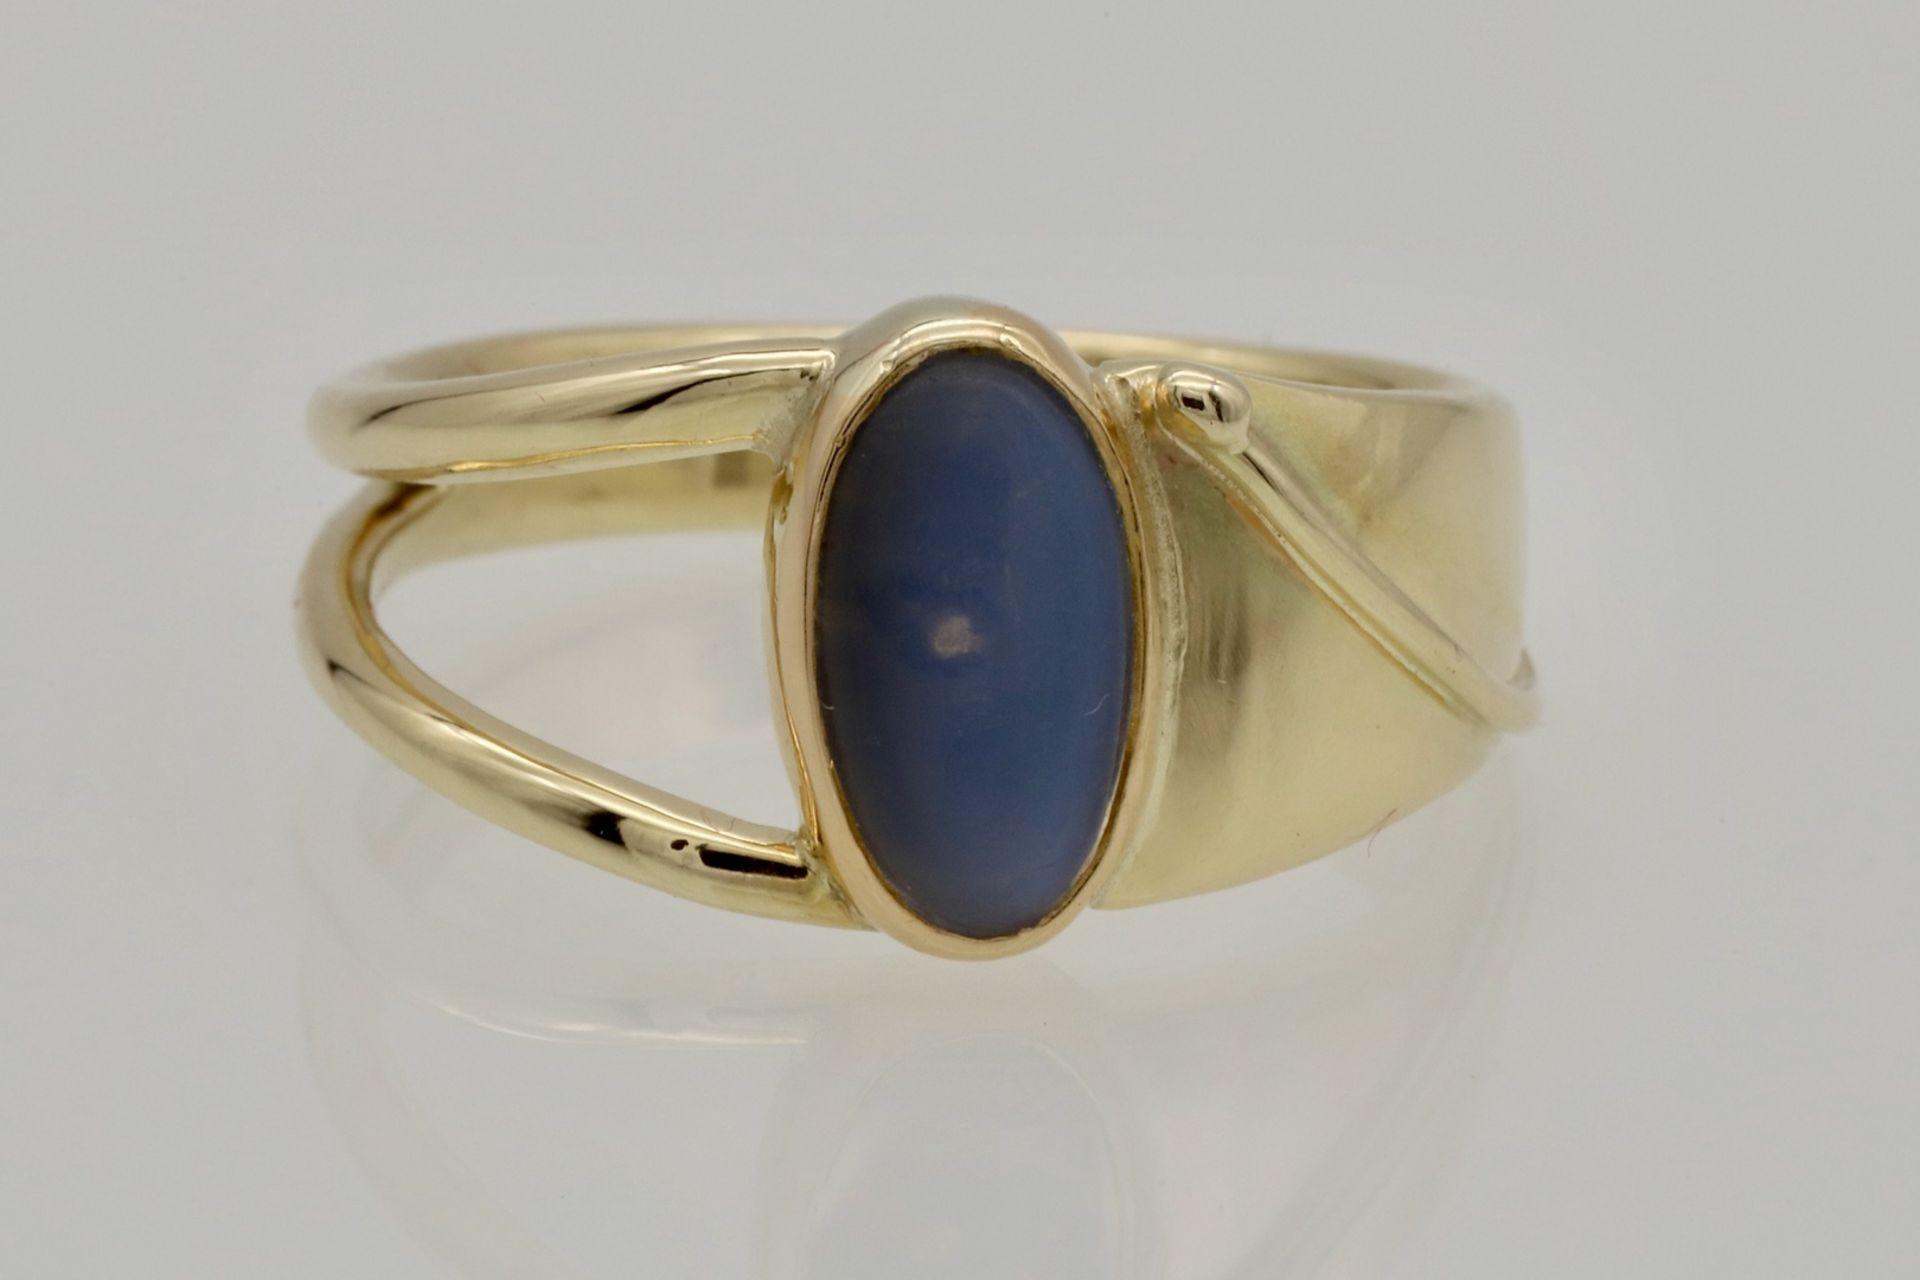 Zeitloser Mondstein-Ring - Bild 3 aus 5